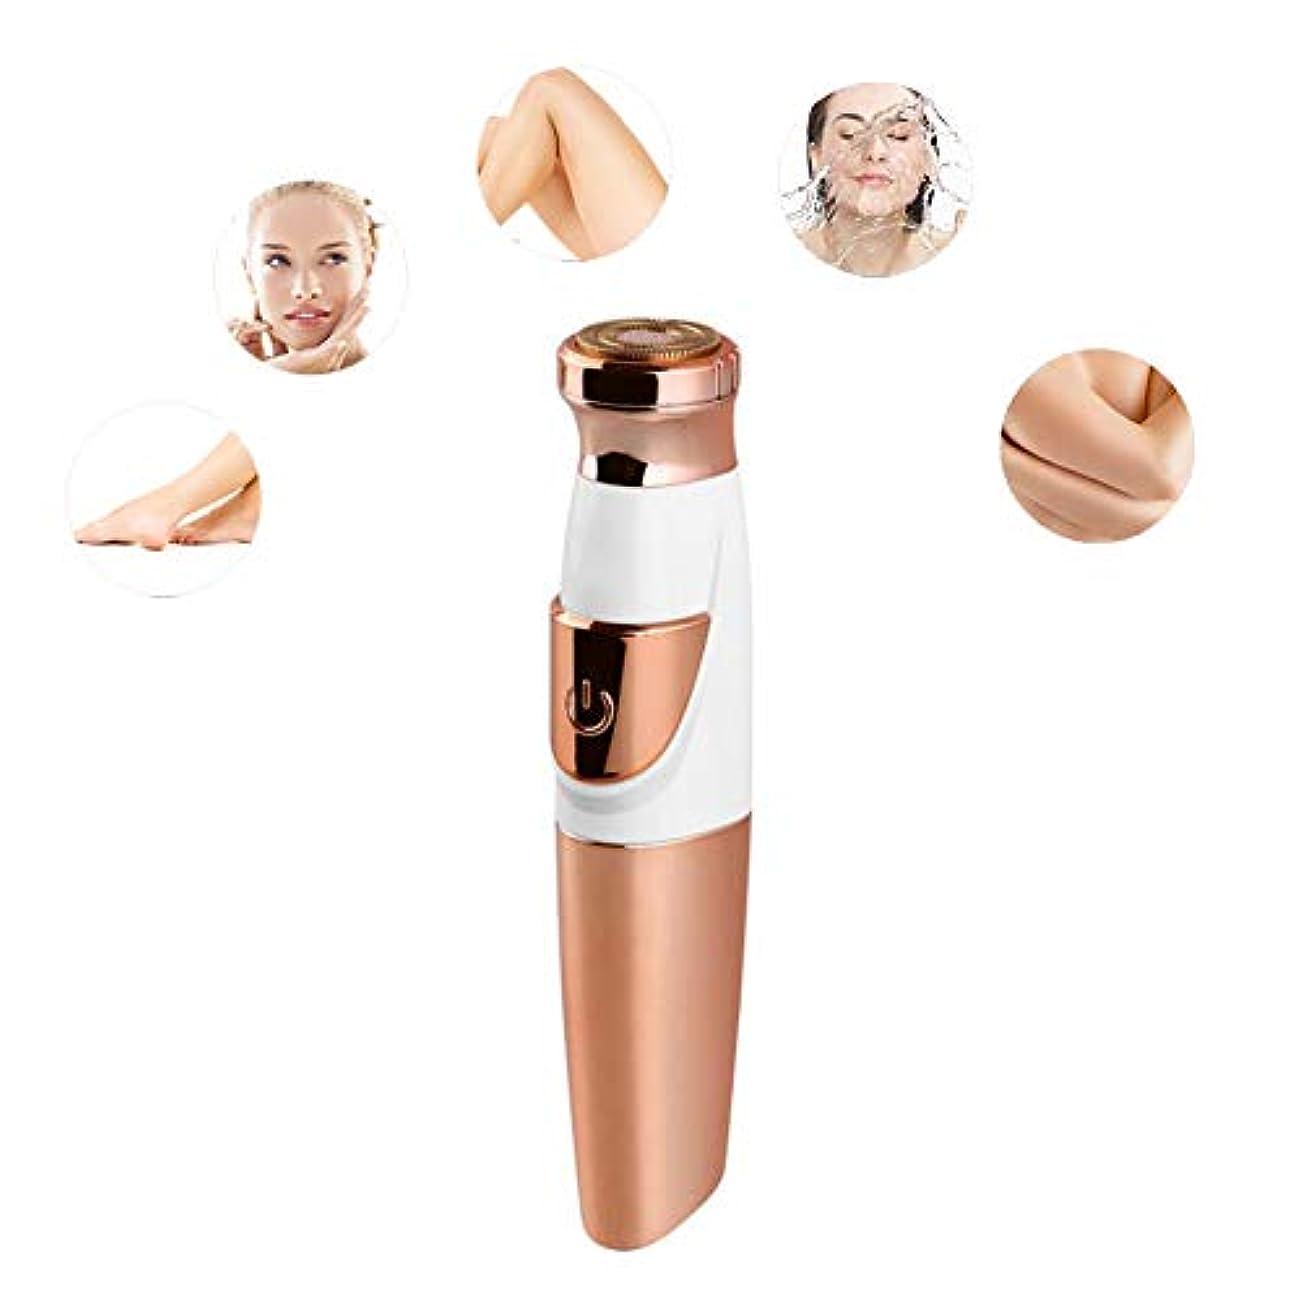 敬誇張する吸う女性用電動脱毛器、授乳用ボディレッグアーム、ビキニトリマー、充電式トリミングデバイス